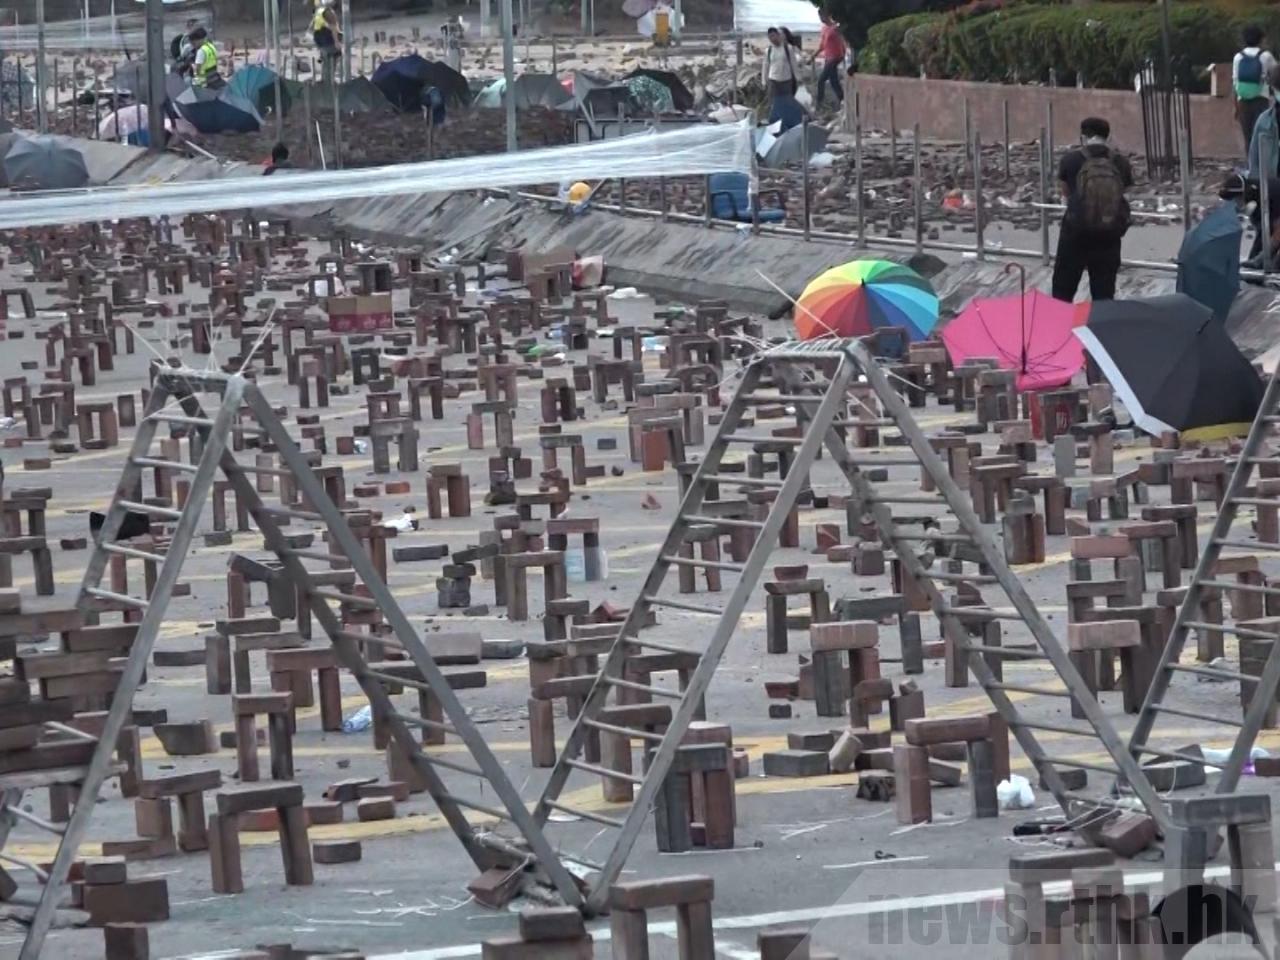 理工大學校長滕錦光說,校外的激進示威者進入校園,危及師生安全。圖翻攝自香港電台